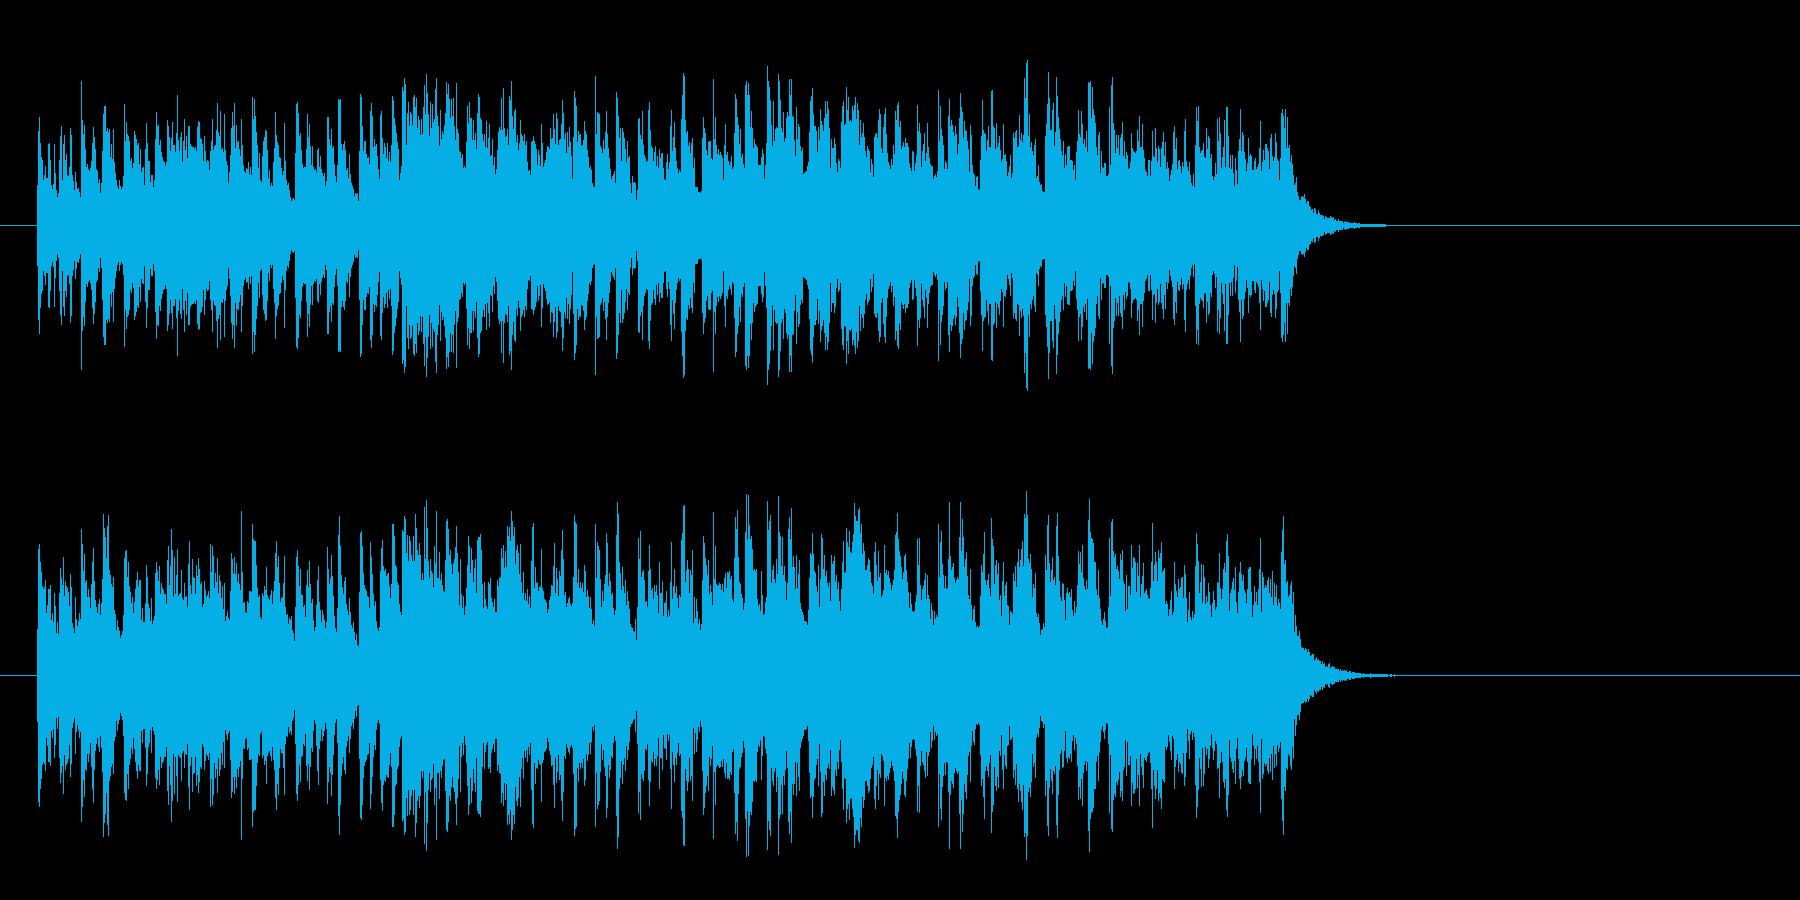 軽快なガールズポップス(Aメロ)の再生済みの波形